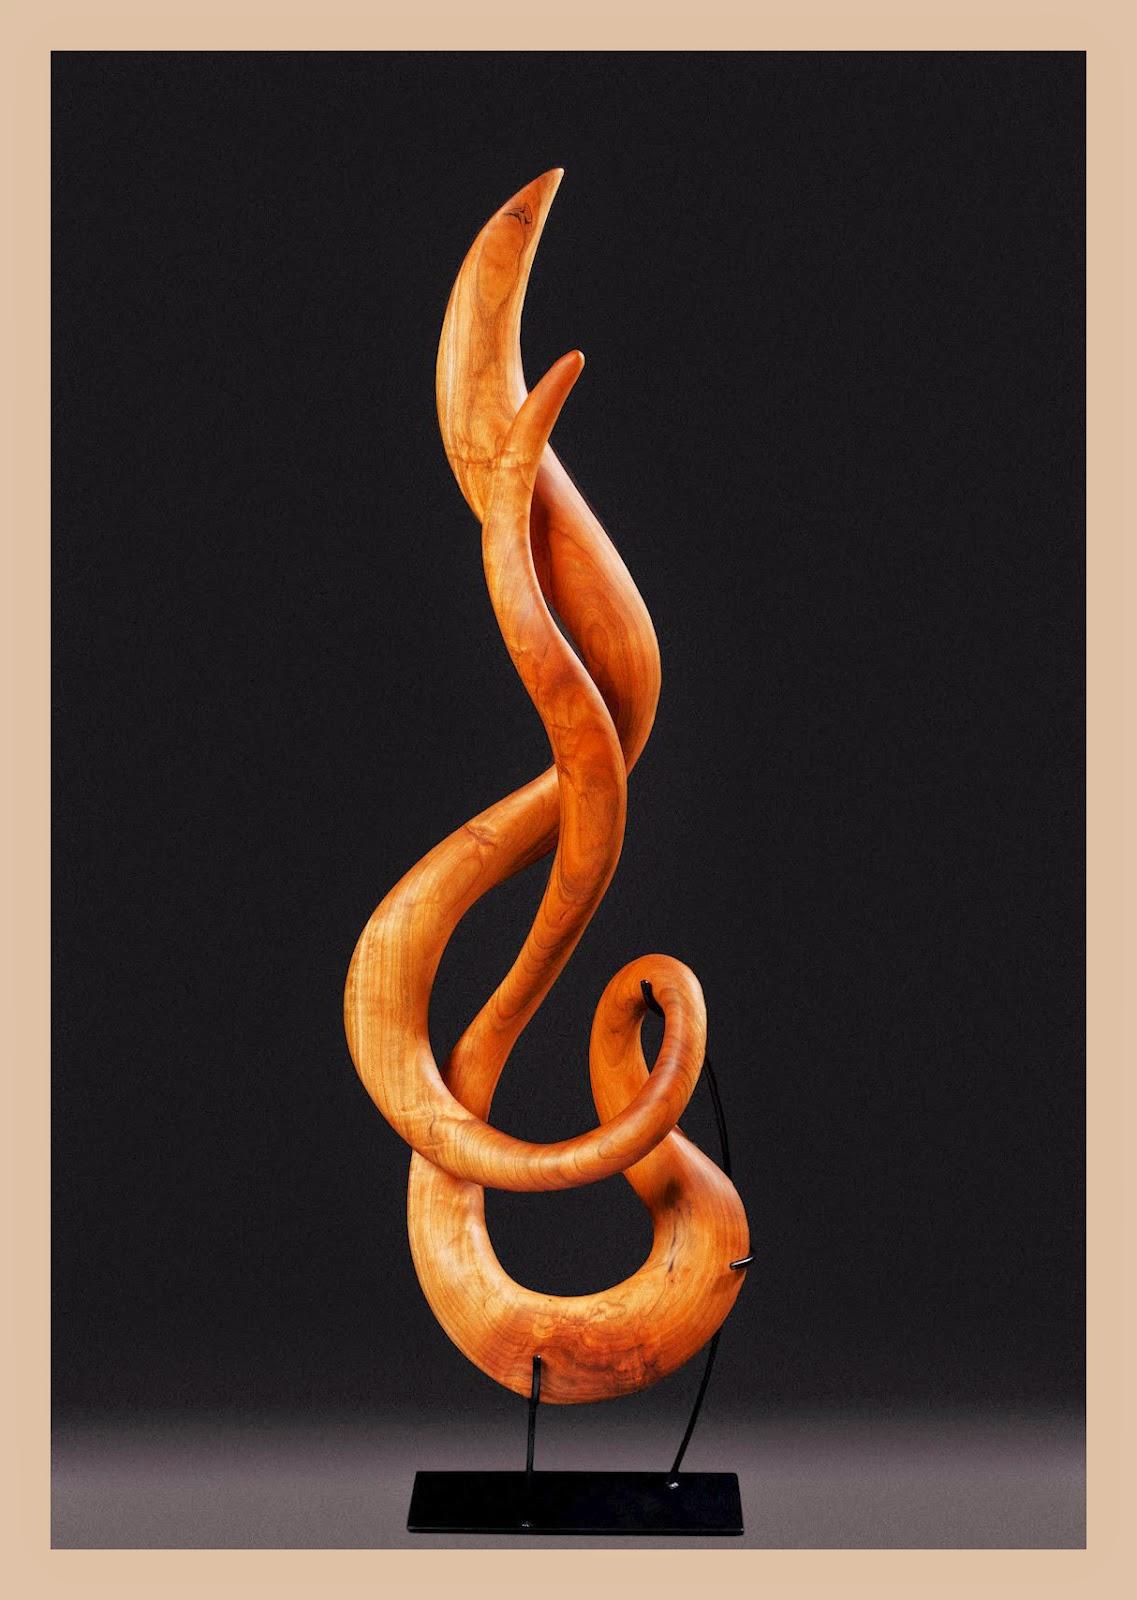 sculpture design contest